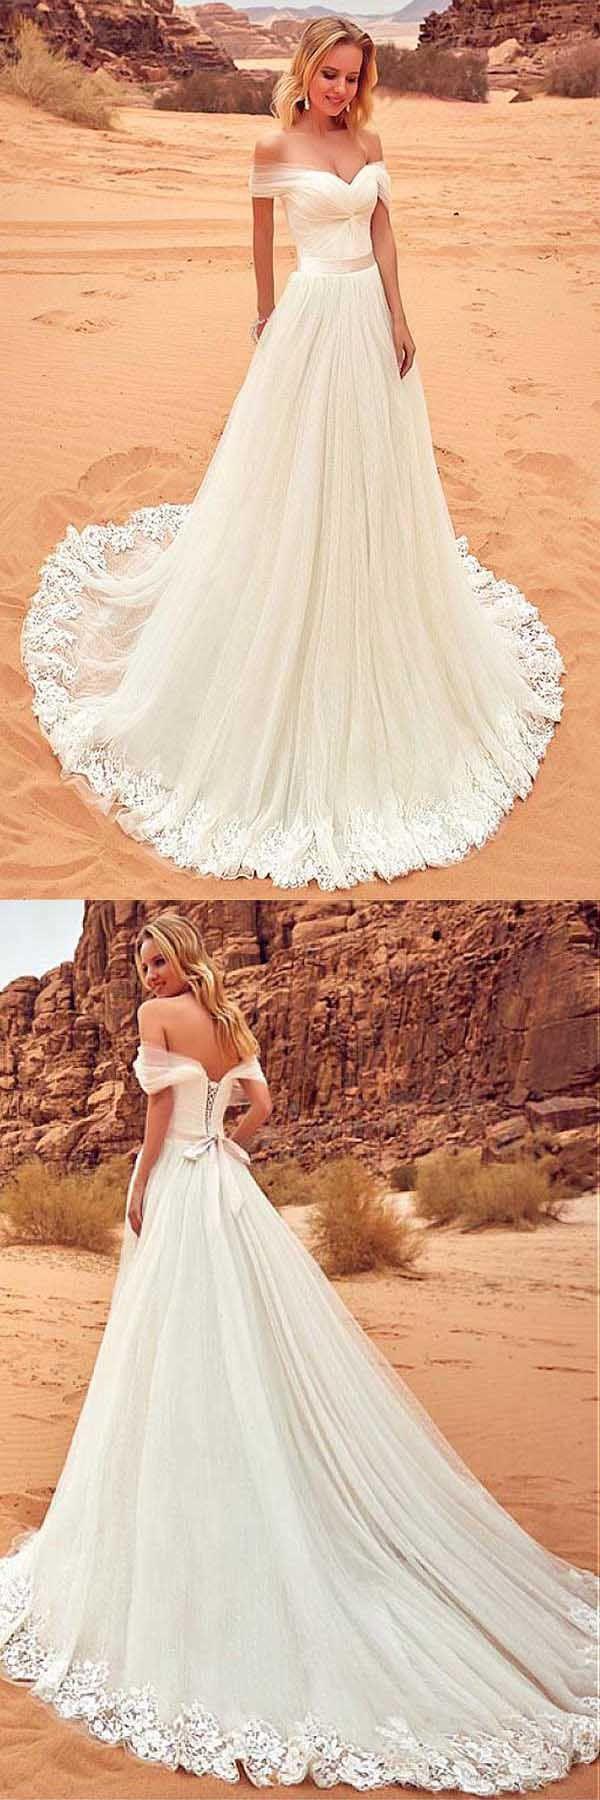 Covered shoulder wedding dresses  Tulle Offtheshoulder Neckline Wedding Dress With Lace Appliques